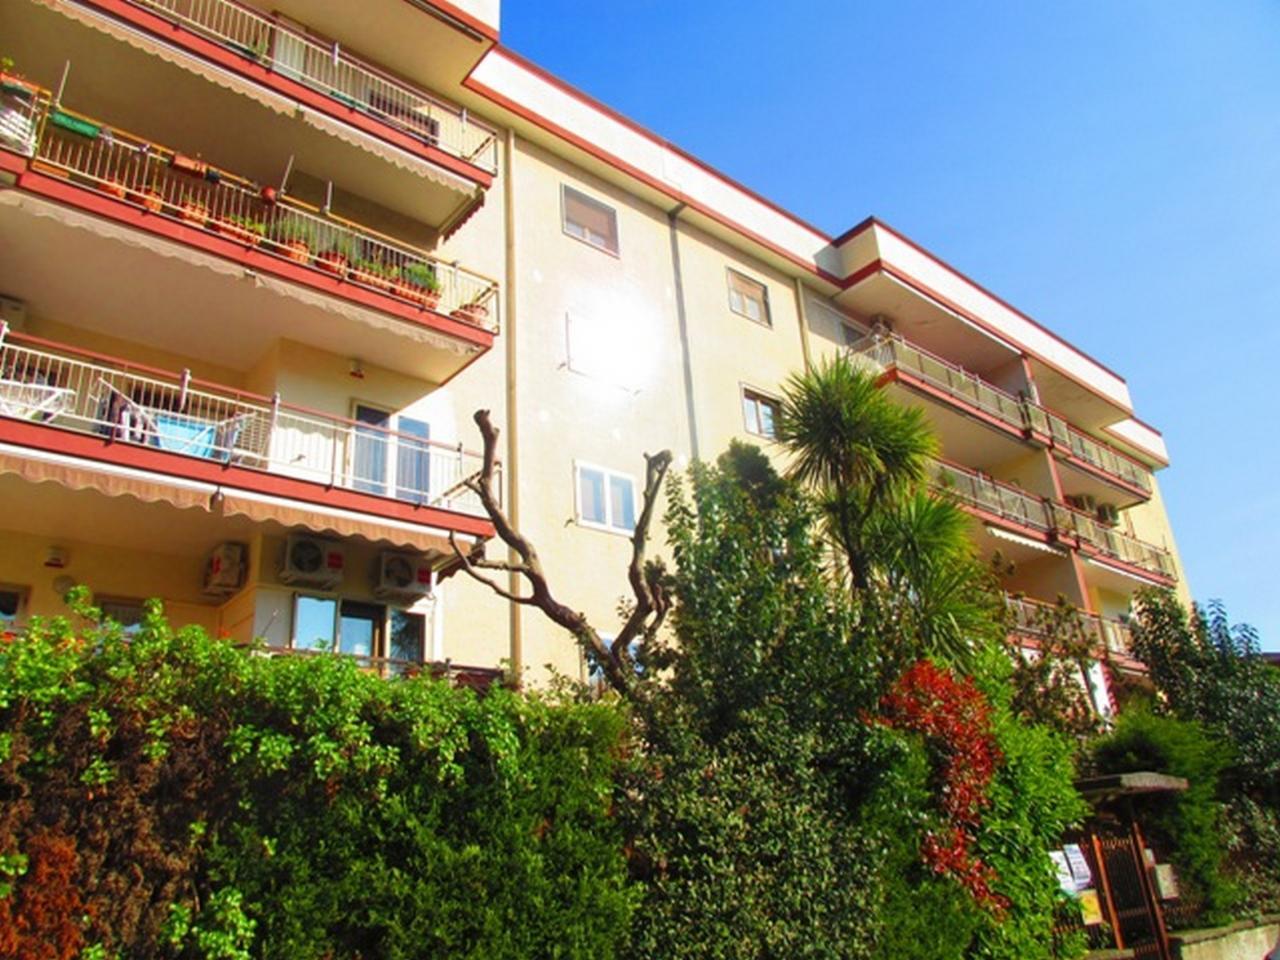 Appartamento in vendita a Maddaloni, 3 locali, prezzo € 120.000   CambioCasa.it